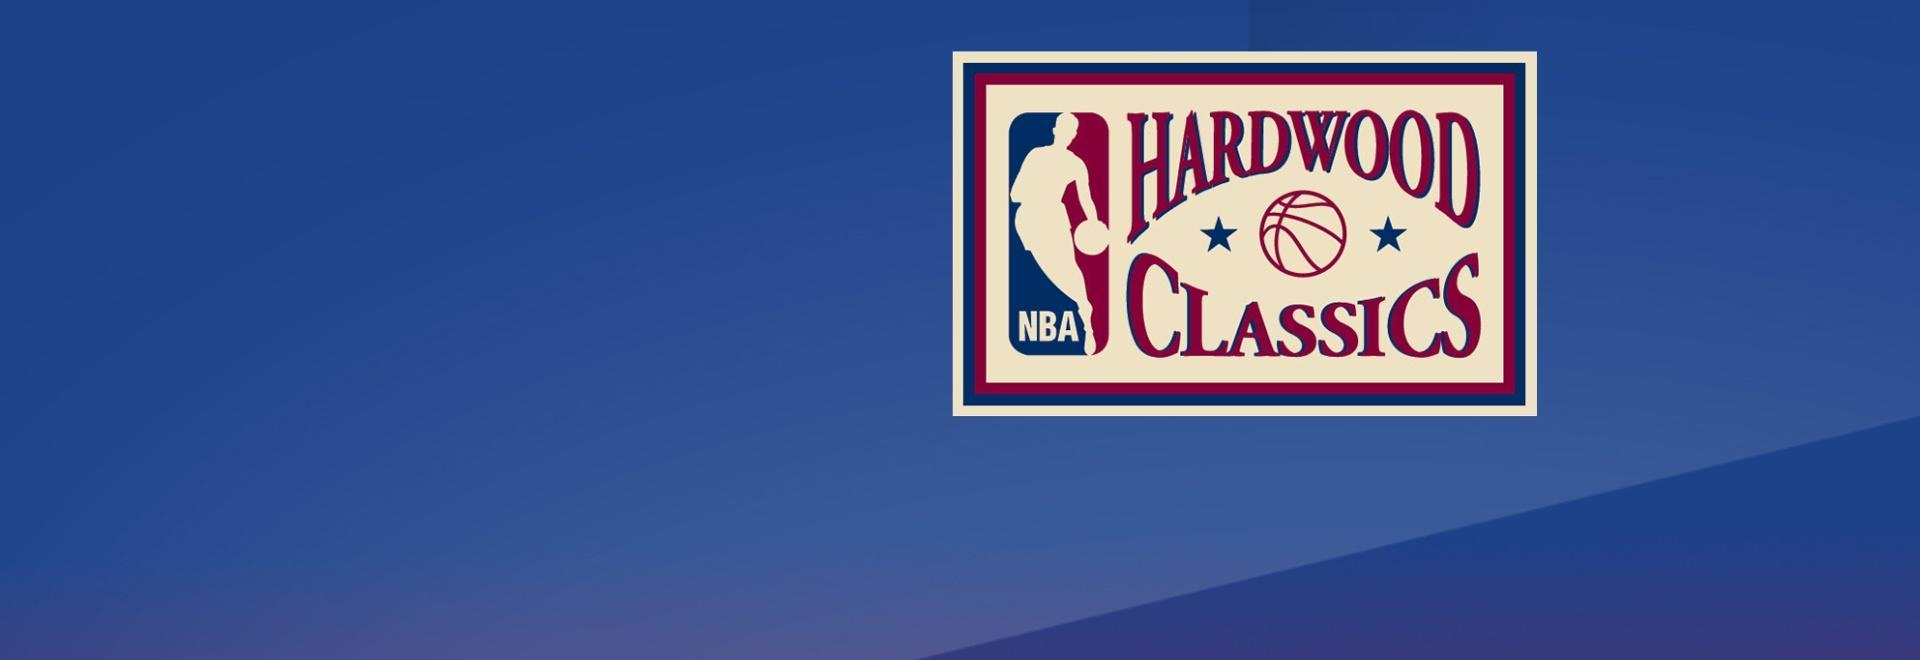 Nets - Knicks 25/12/82